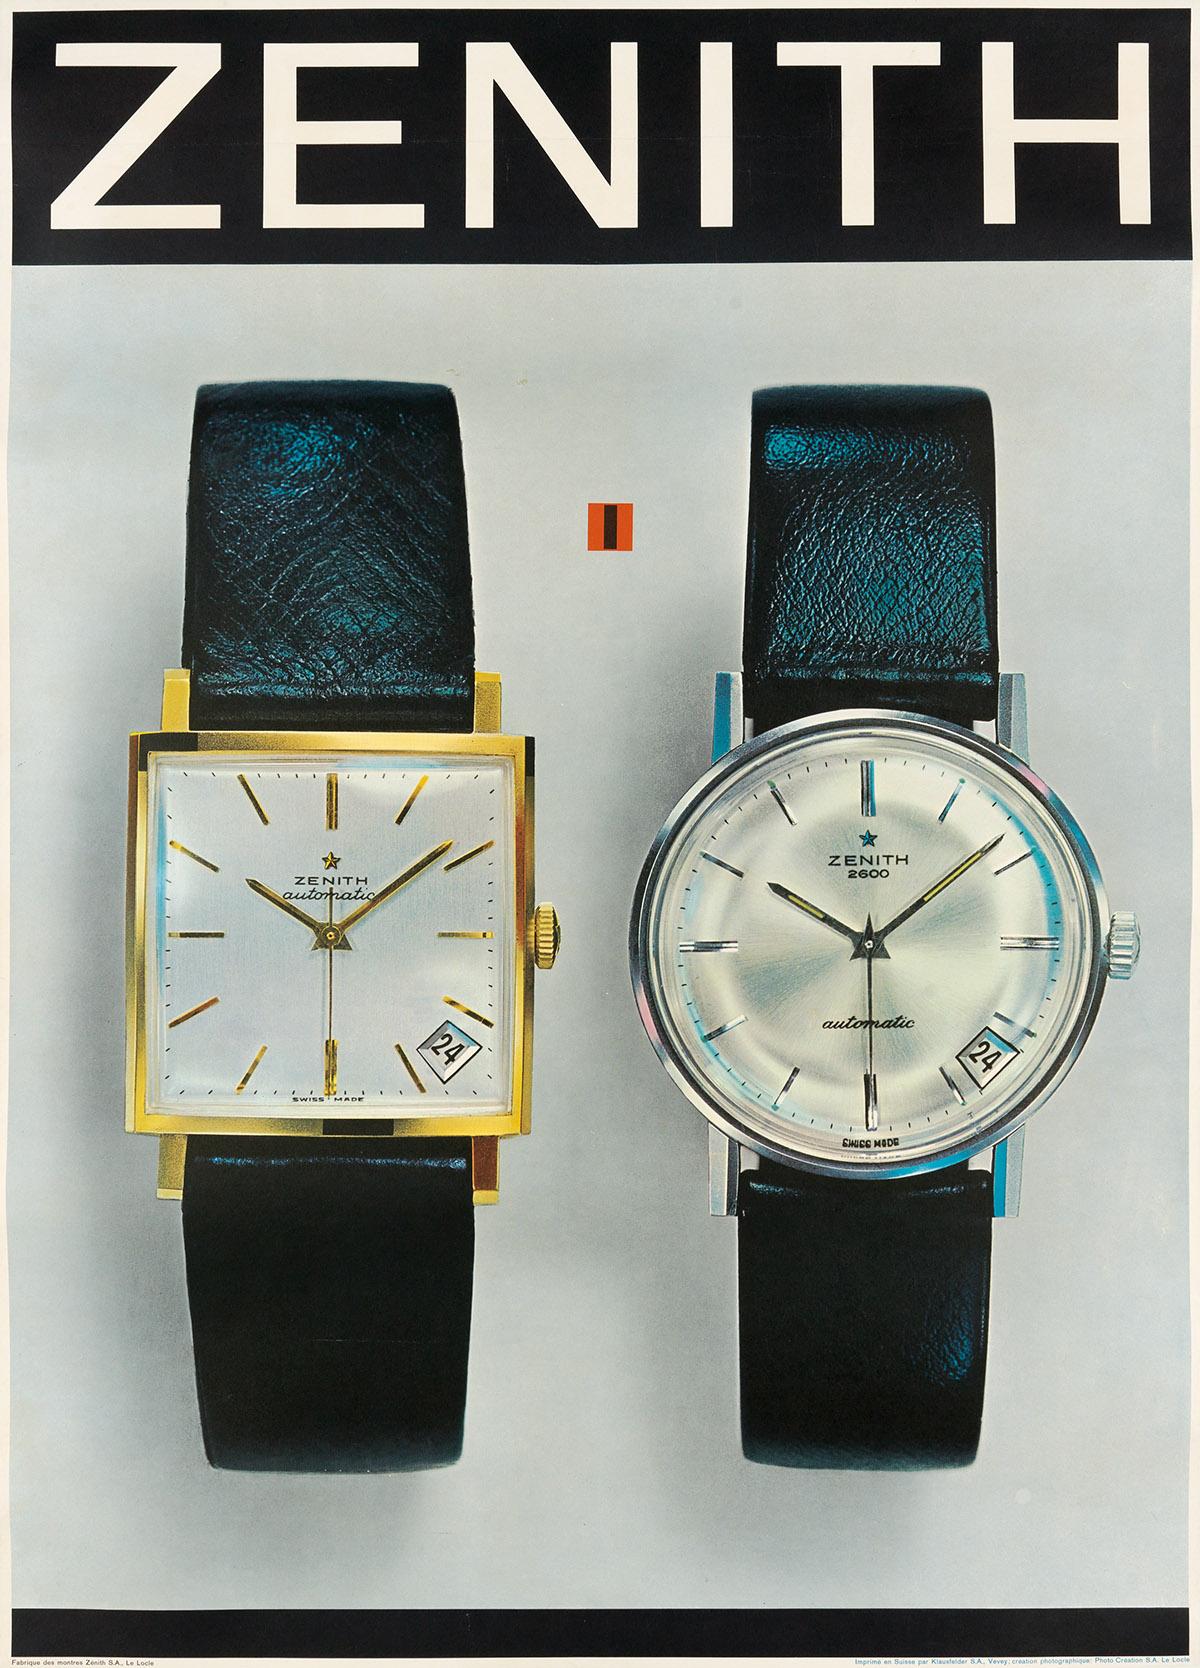 DESIGNER-UNKNOWN-ZENITH-1965-49x35inches-126x89-cm-Klausfeld